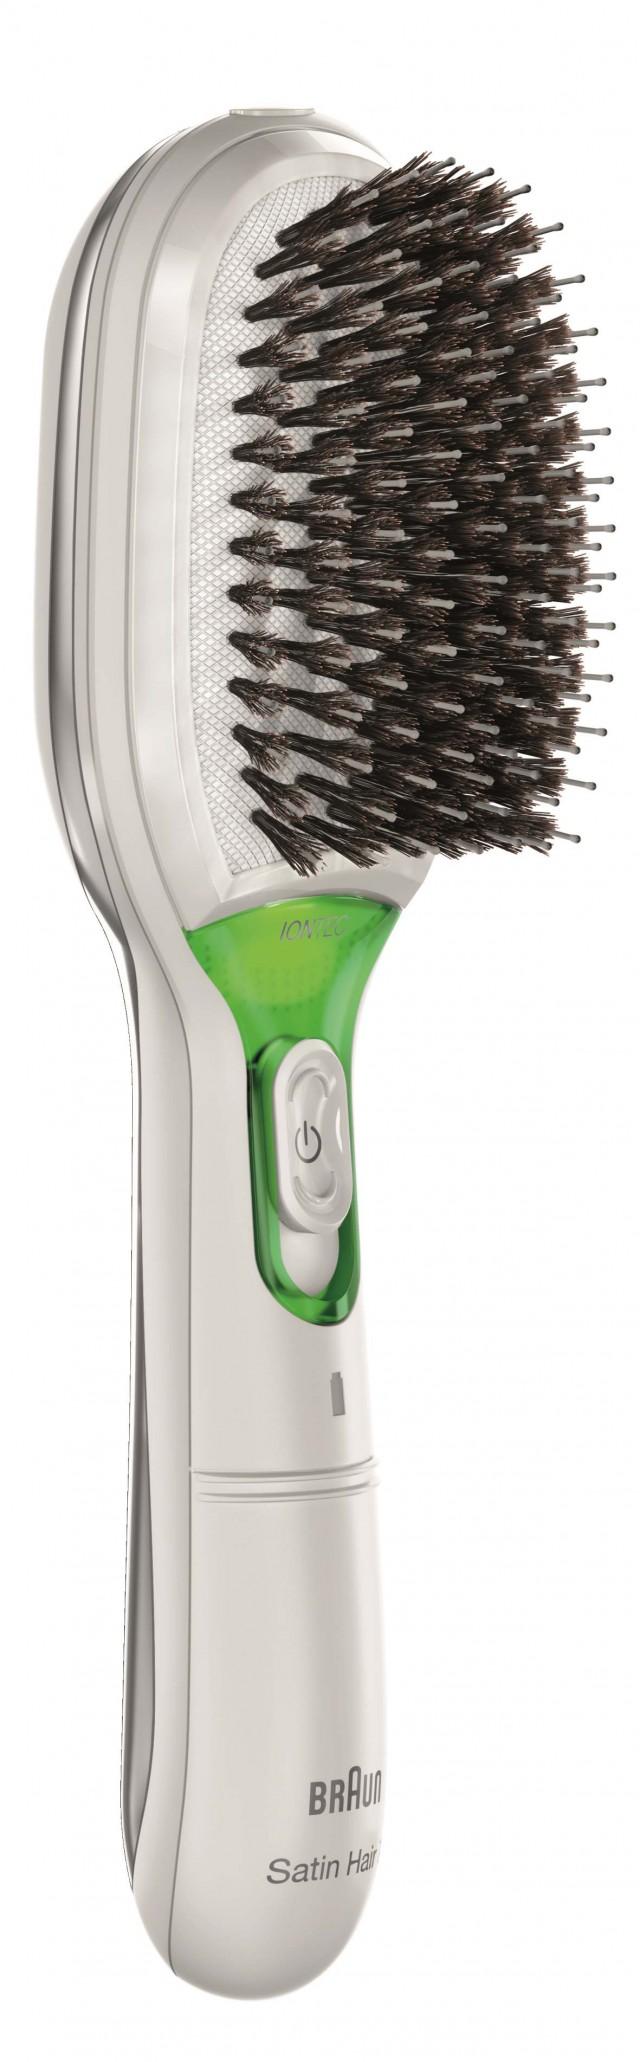 Braun Haarbürste Satin Hair 7 mit Ionen-Technologie.